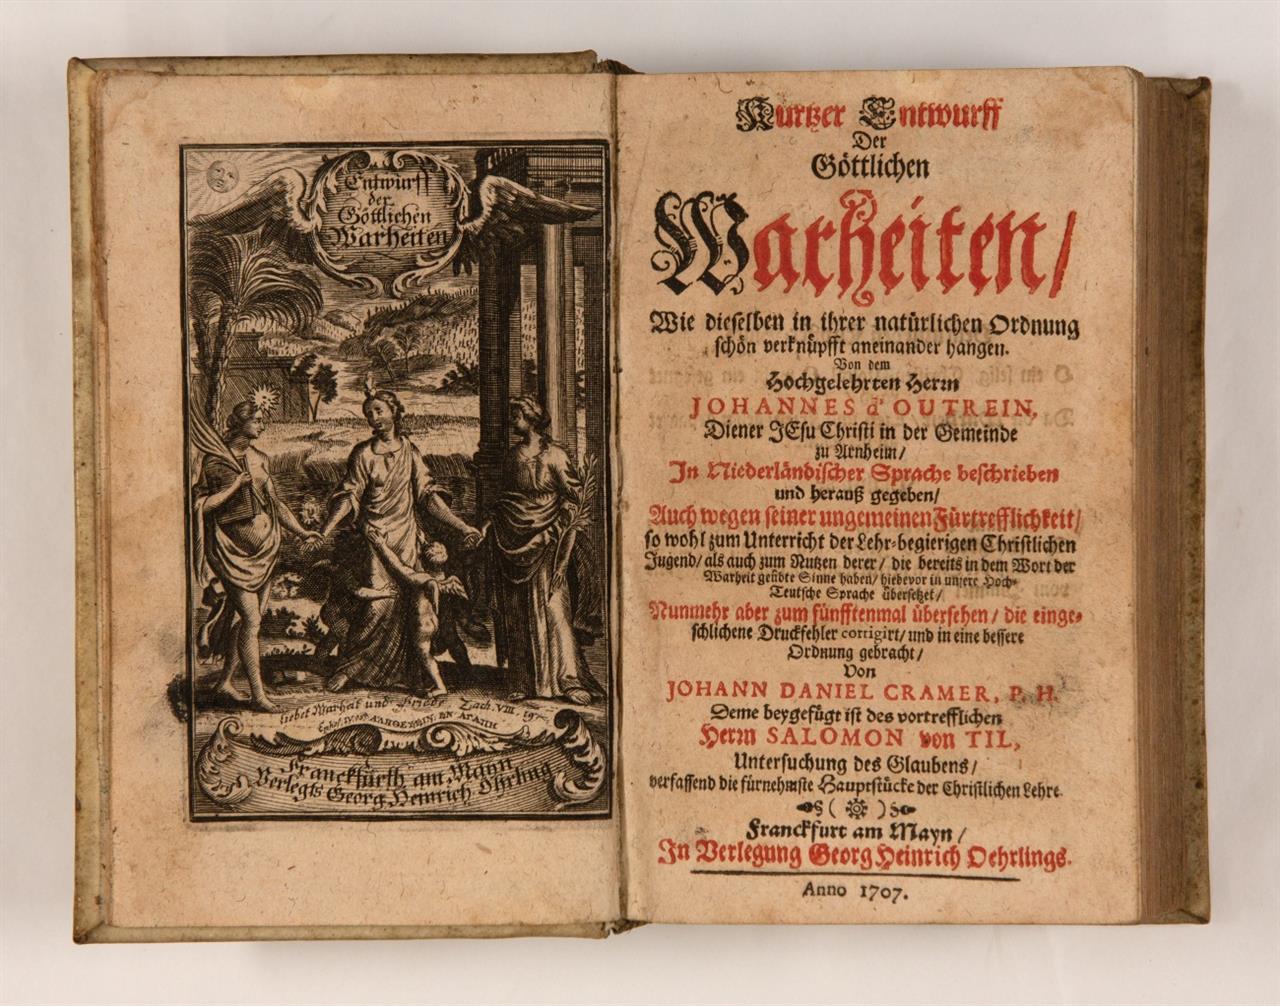 J. d'Outrein, Kurtzer Entwurff der göttlichen Wahrheiten. Ffm 1707.